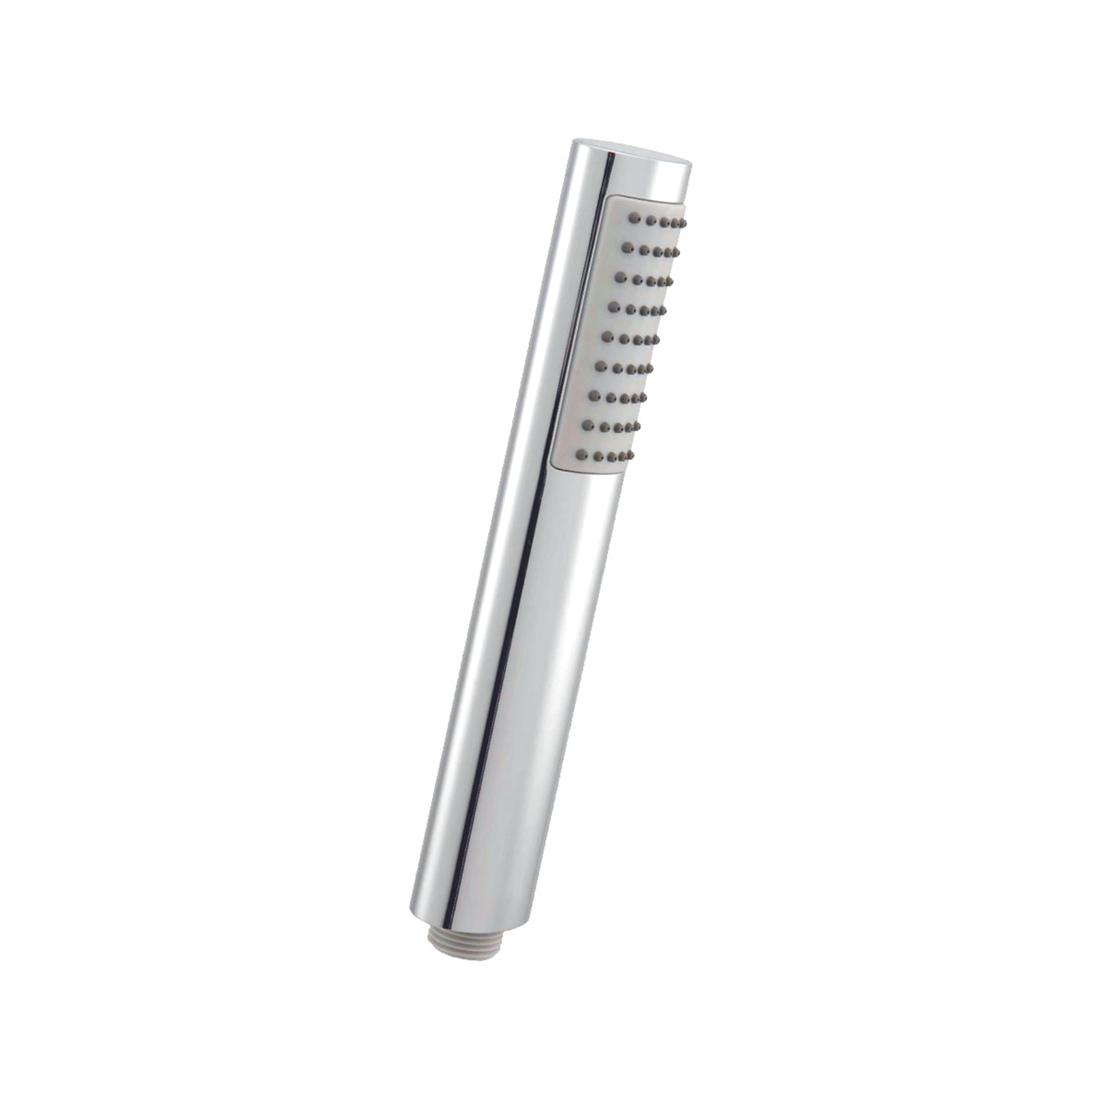 Kerovit KA510006 Single Function Handheld Shower With Hook